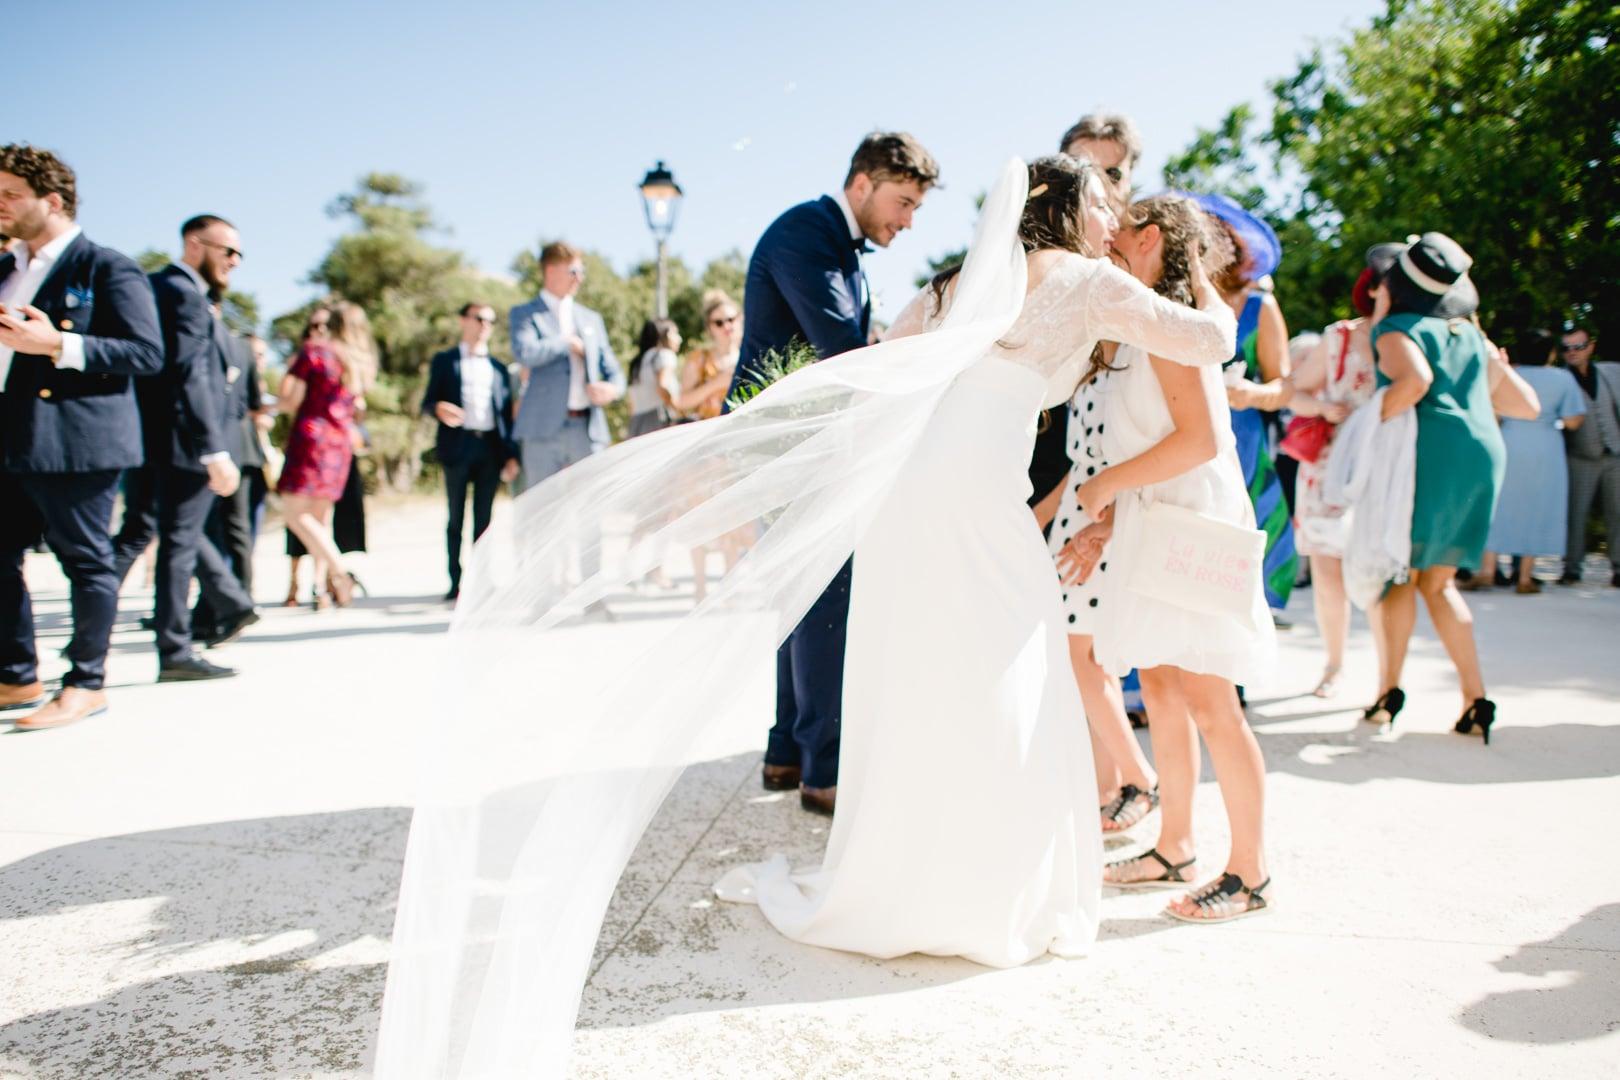 photographe de mariage Provence, photographe Grignan, photographe domaine de Patras, photographe Domaine de Sarson, photographe côtes d'azur, photographe, mariage, Provence,  photographe Drôme,